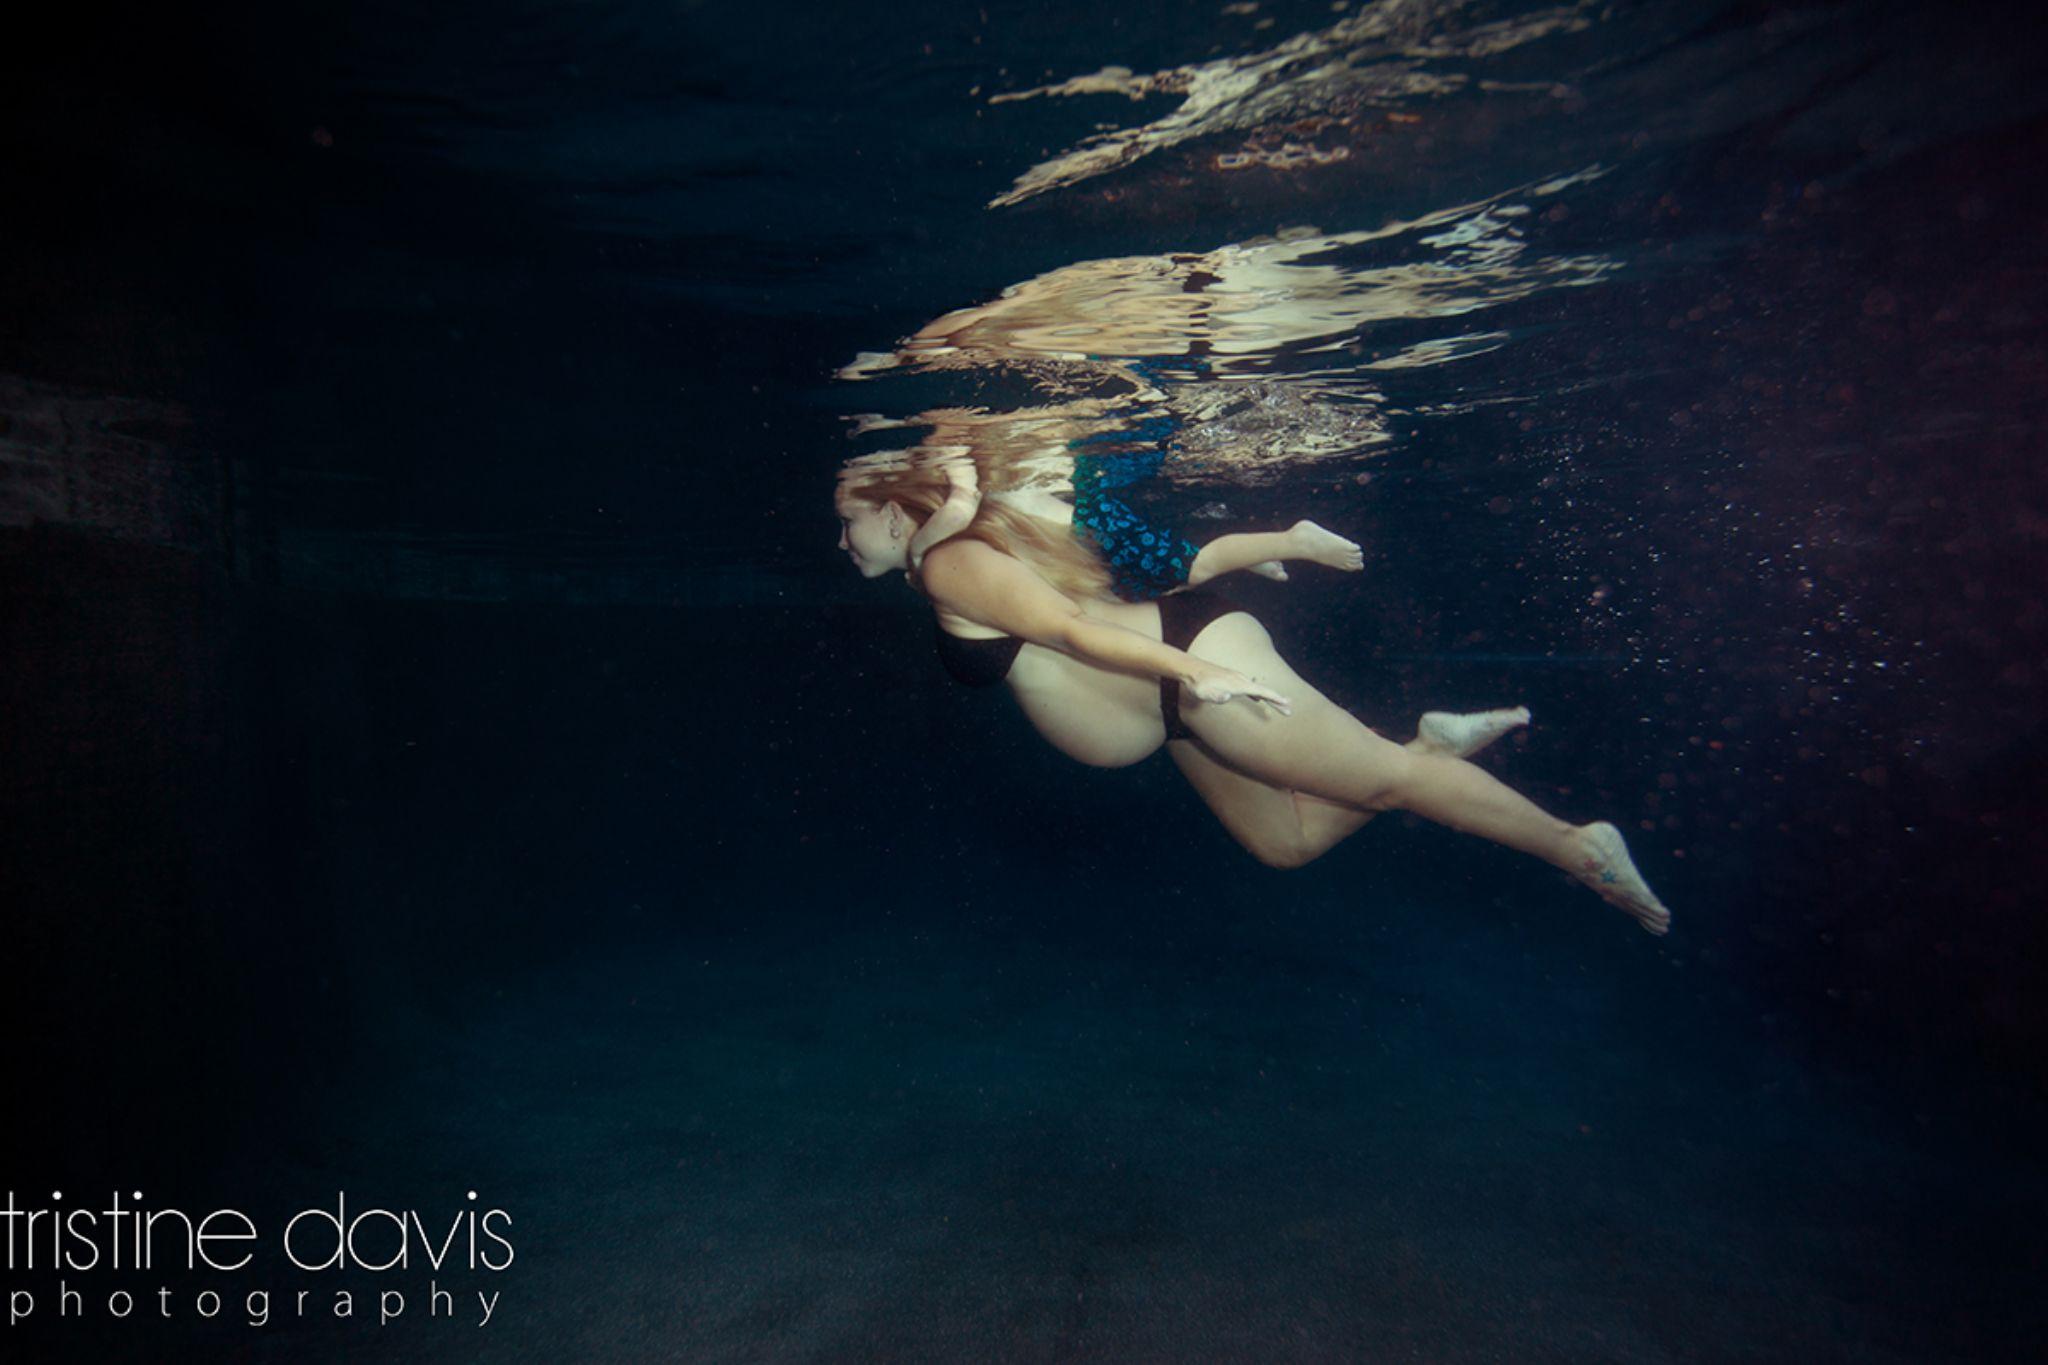 Underwater Maternity   www.tristinedavisphotography.com by Tristine Davis